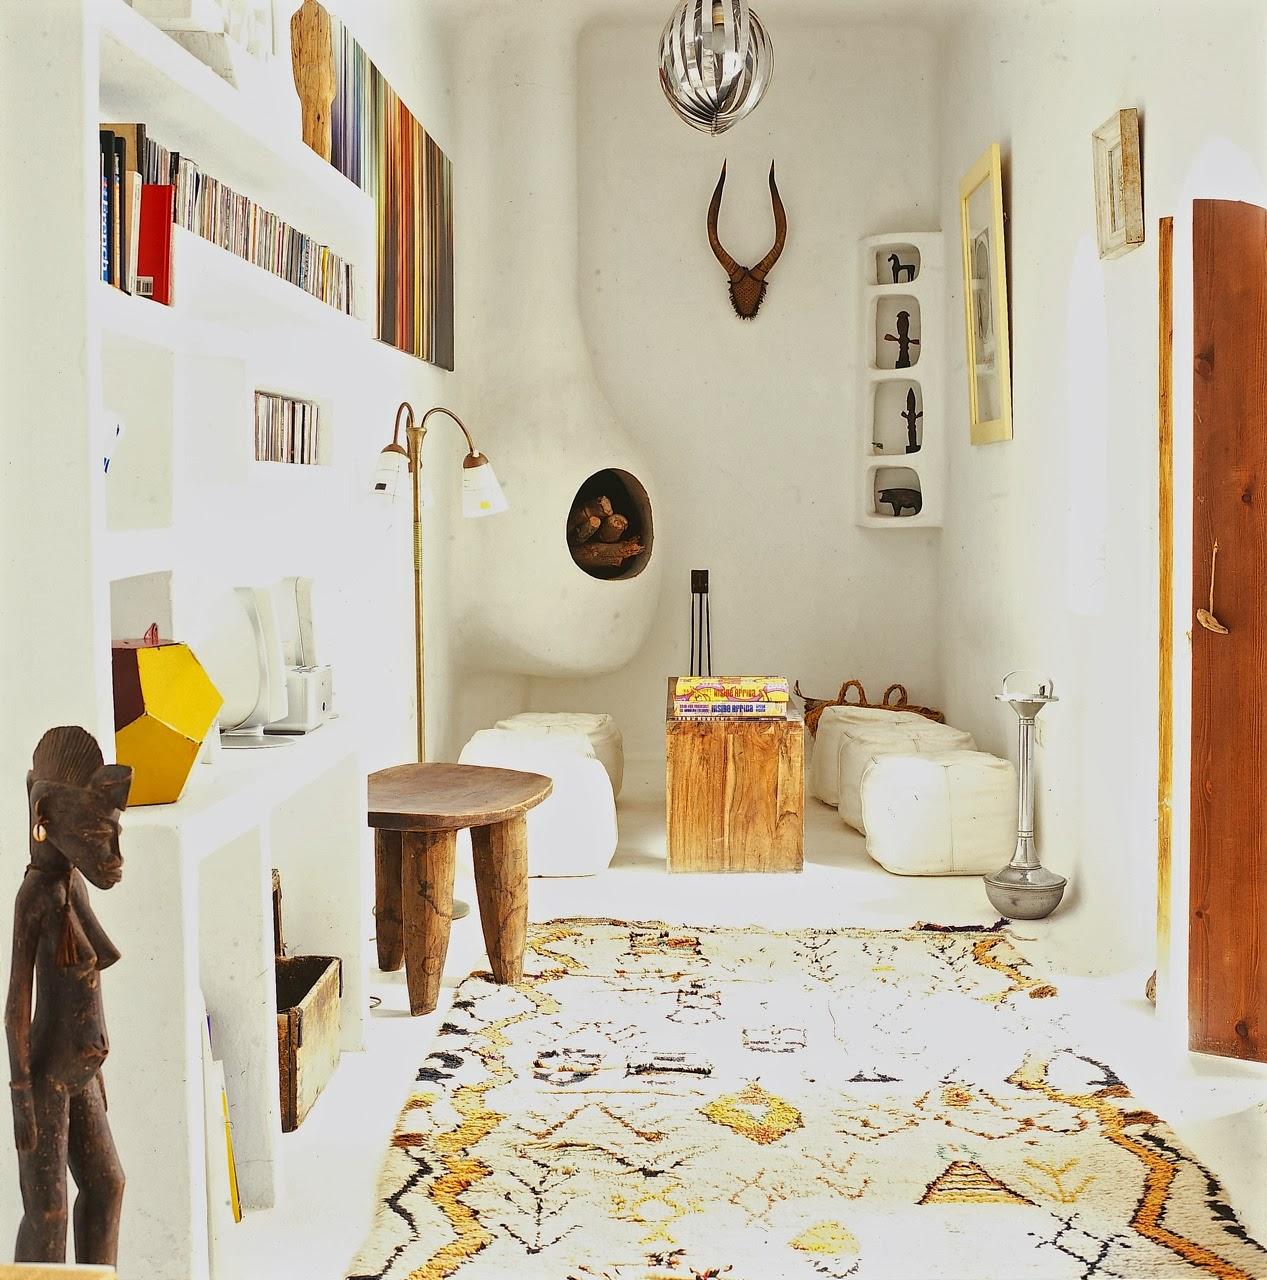 Design Moroccan Interior Design: moroccan interior design